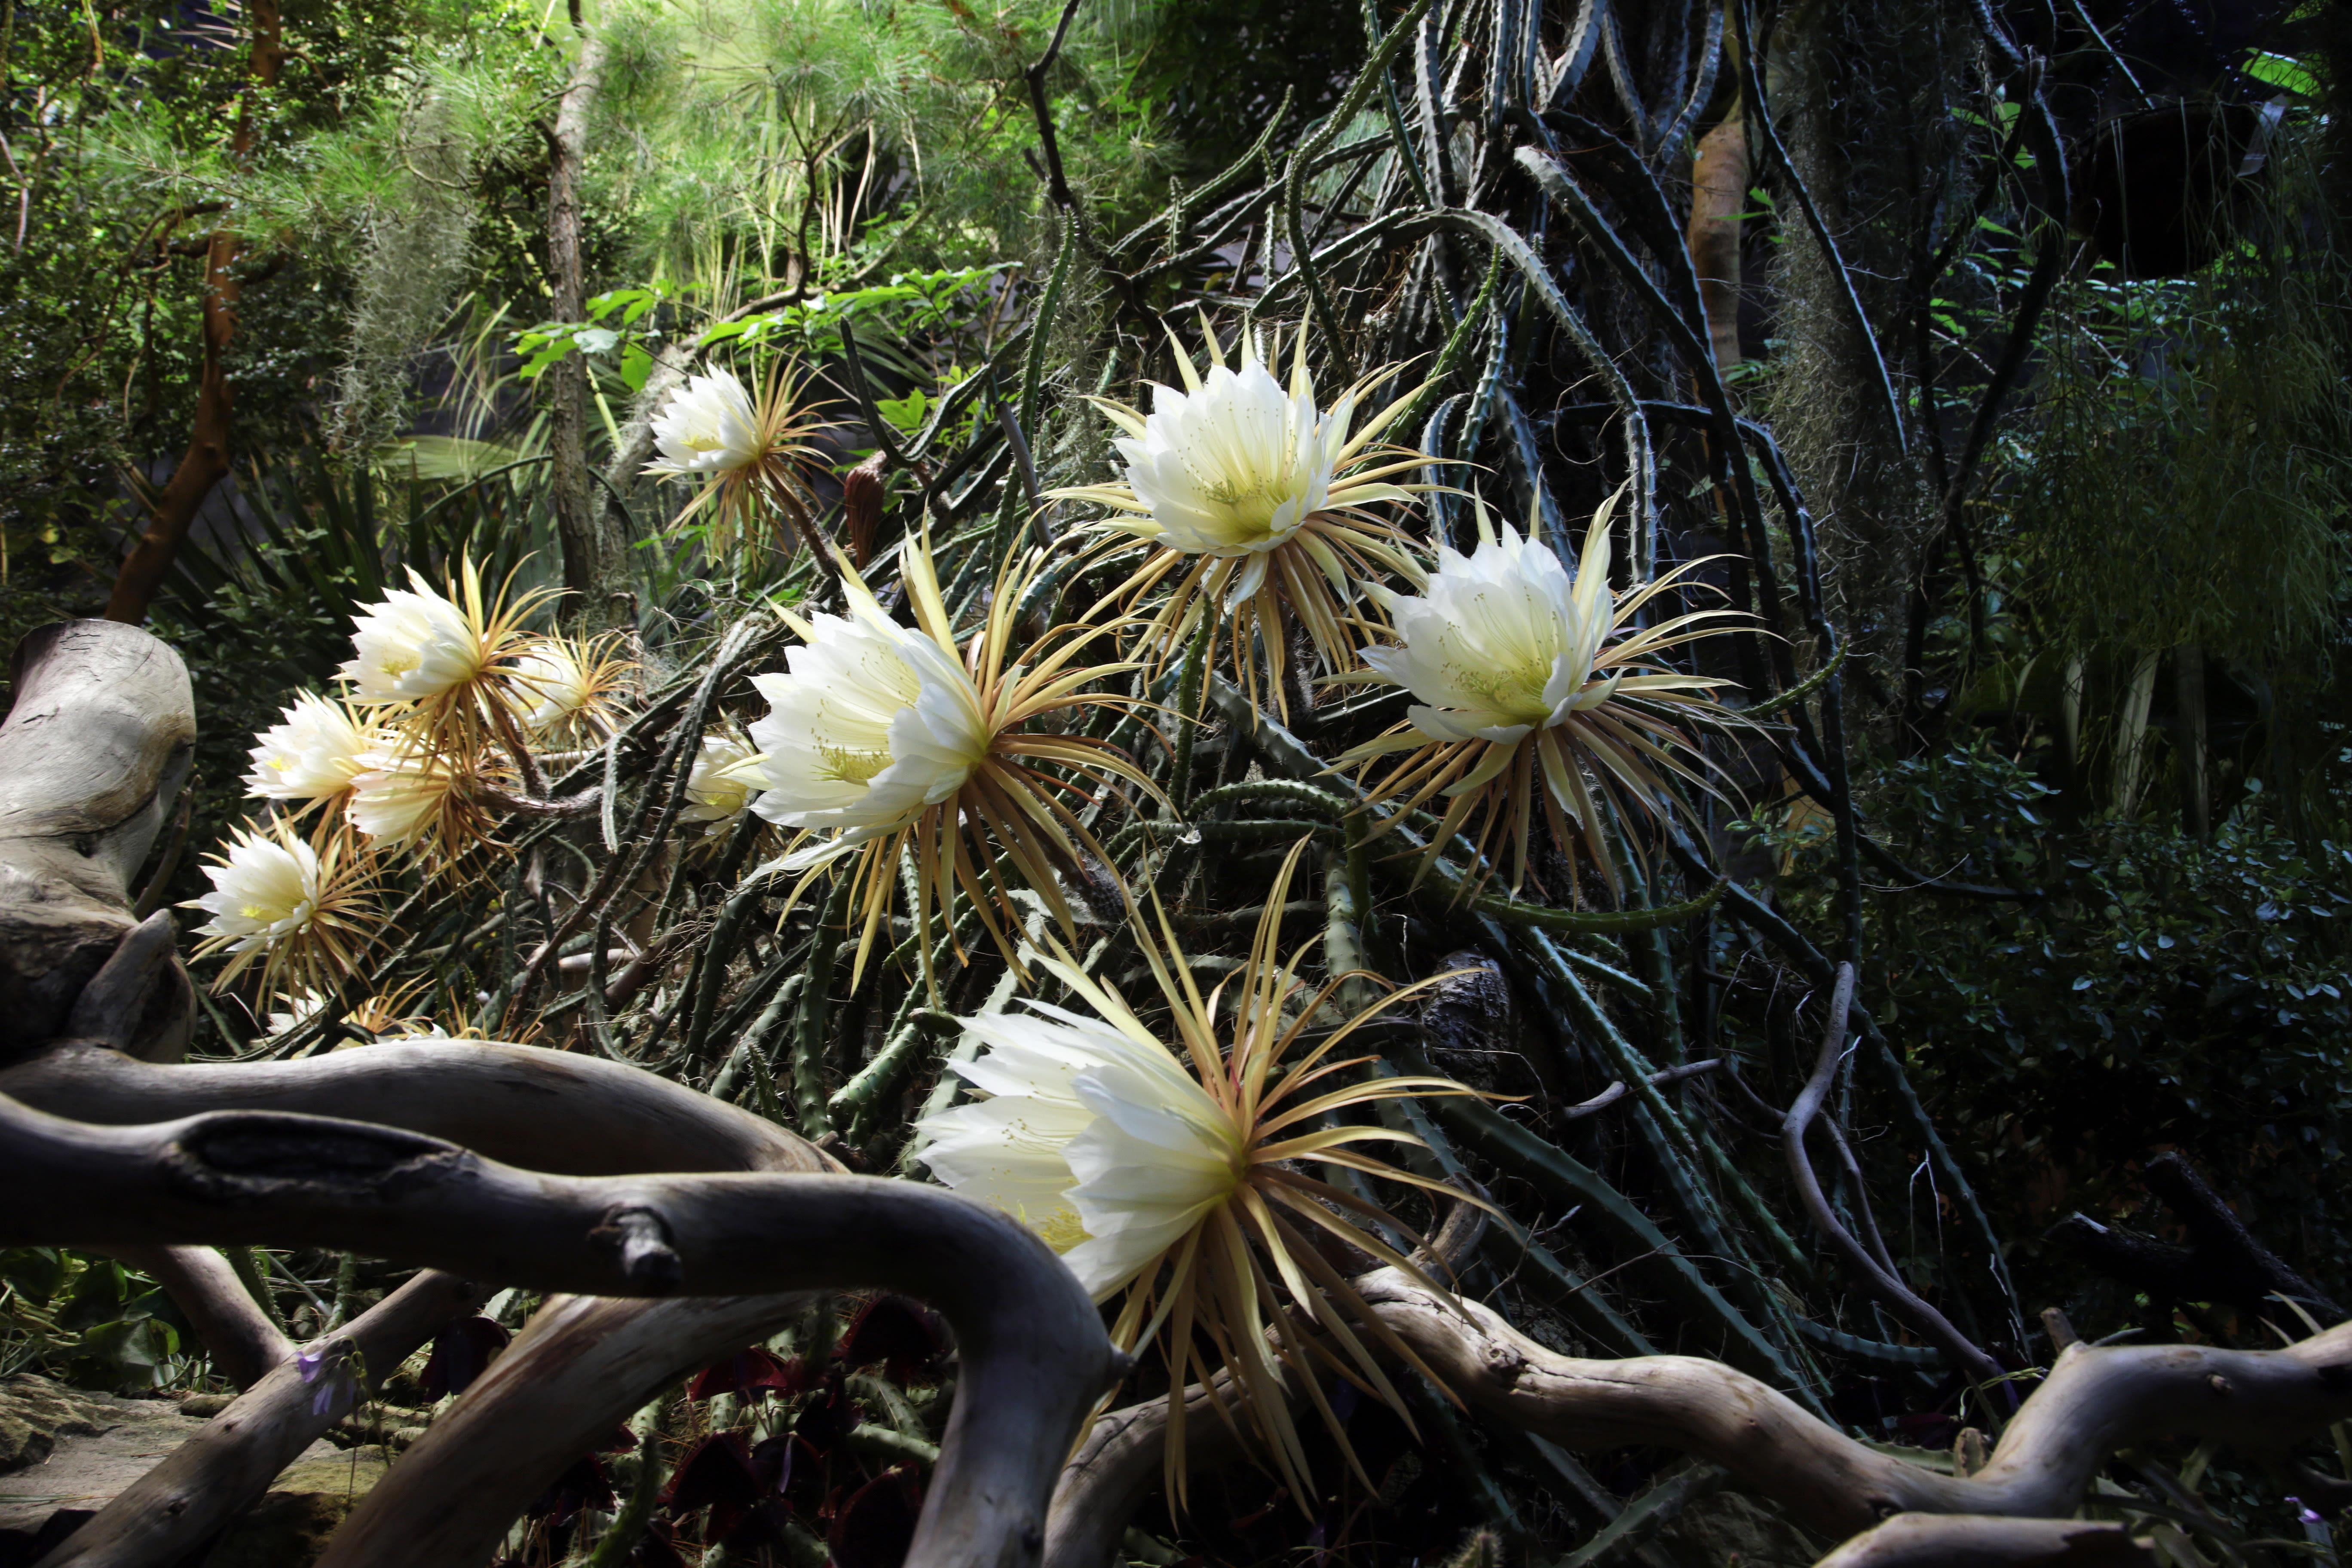 Cactus rxh4nw